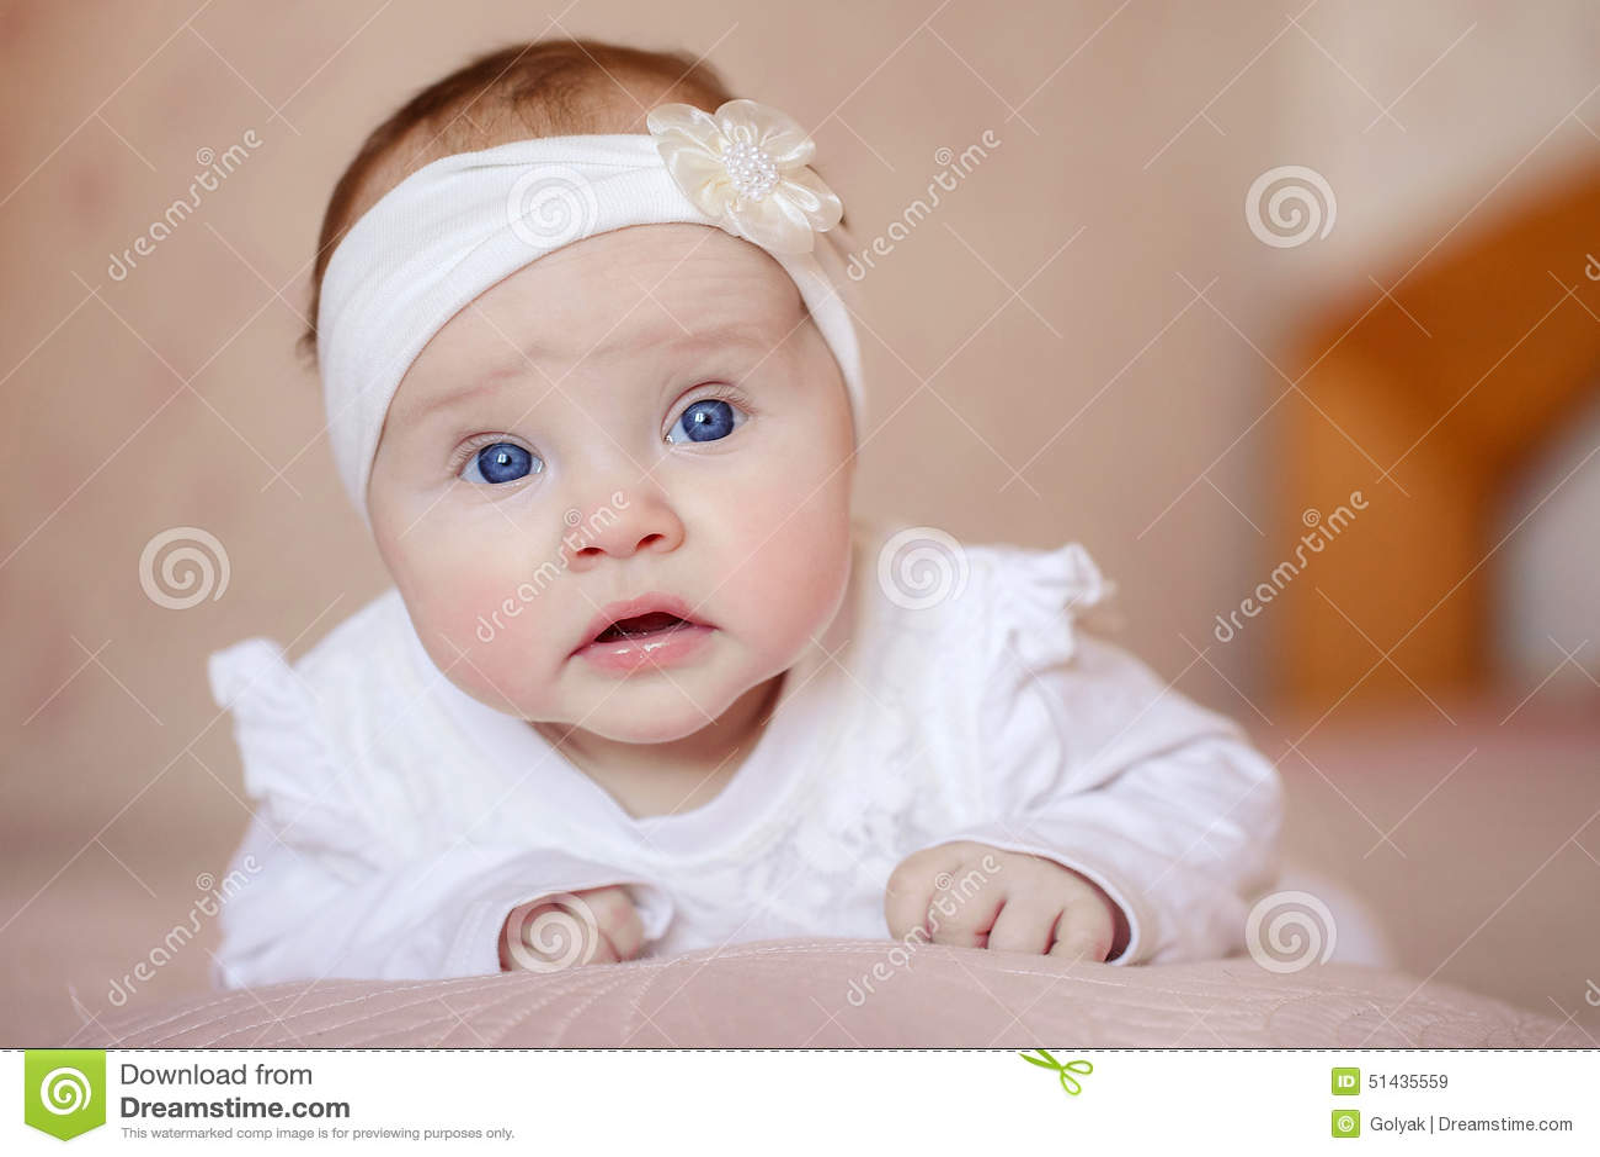 Robe blanche bebe 3 mois